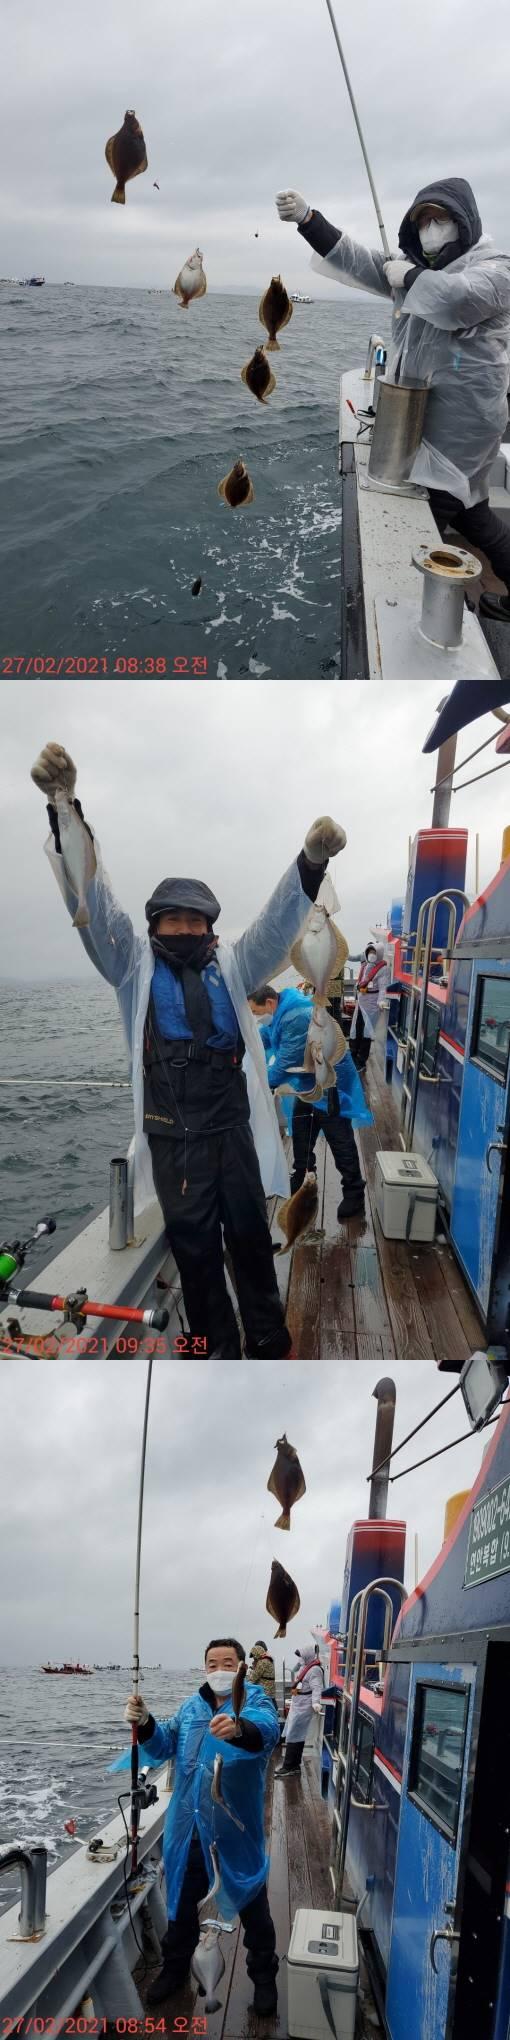 22인승 돌핀호 / 어구가자미 조황입니다.